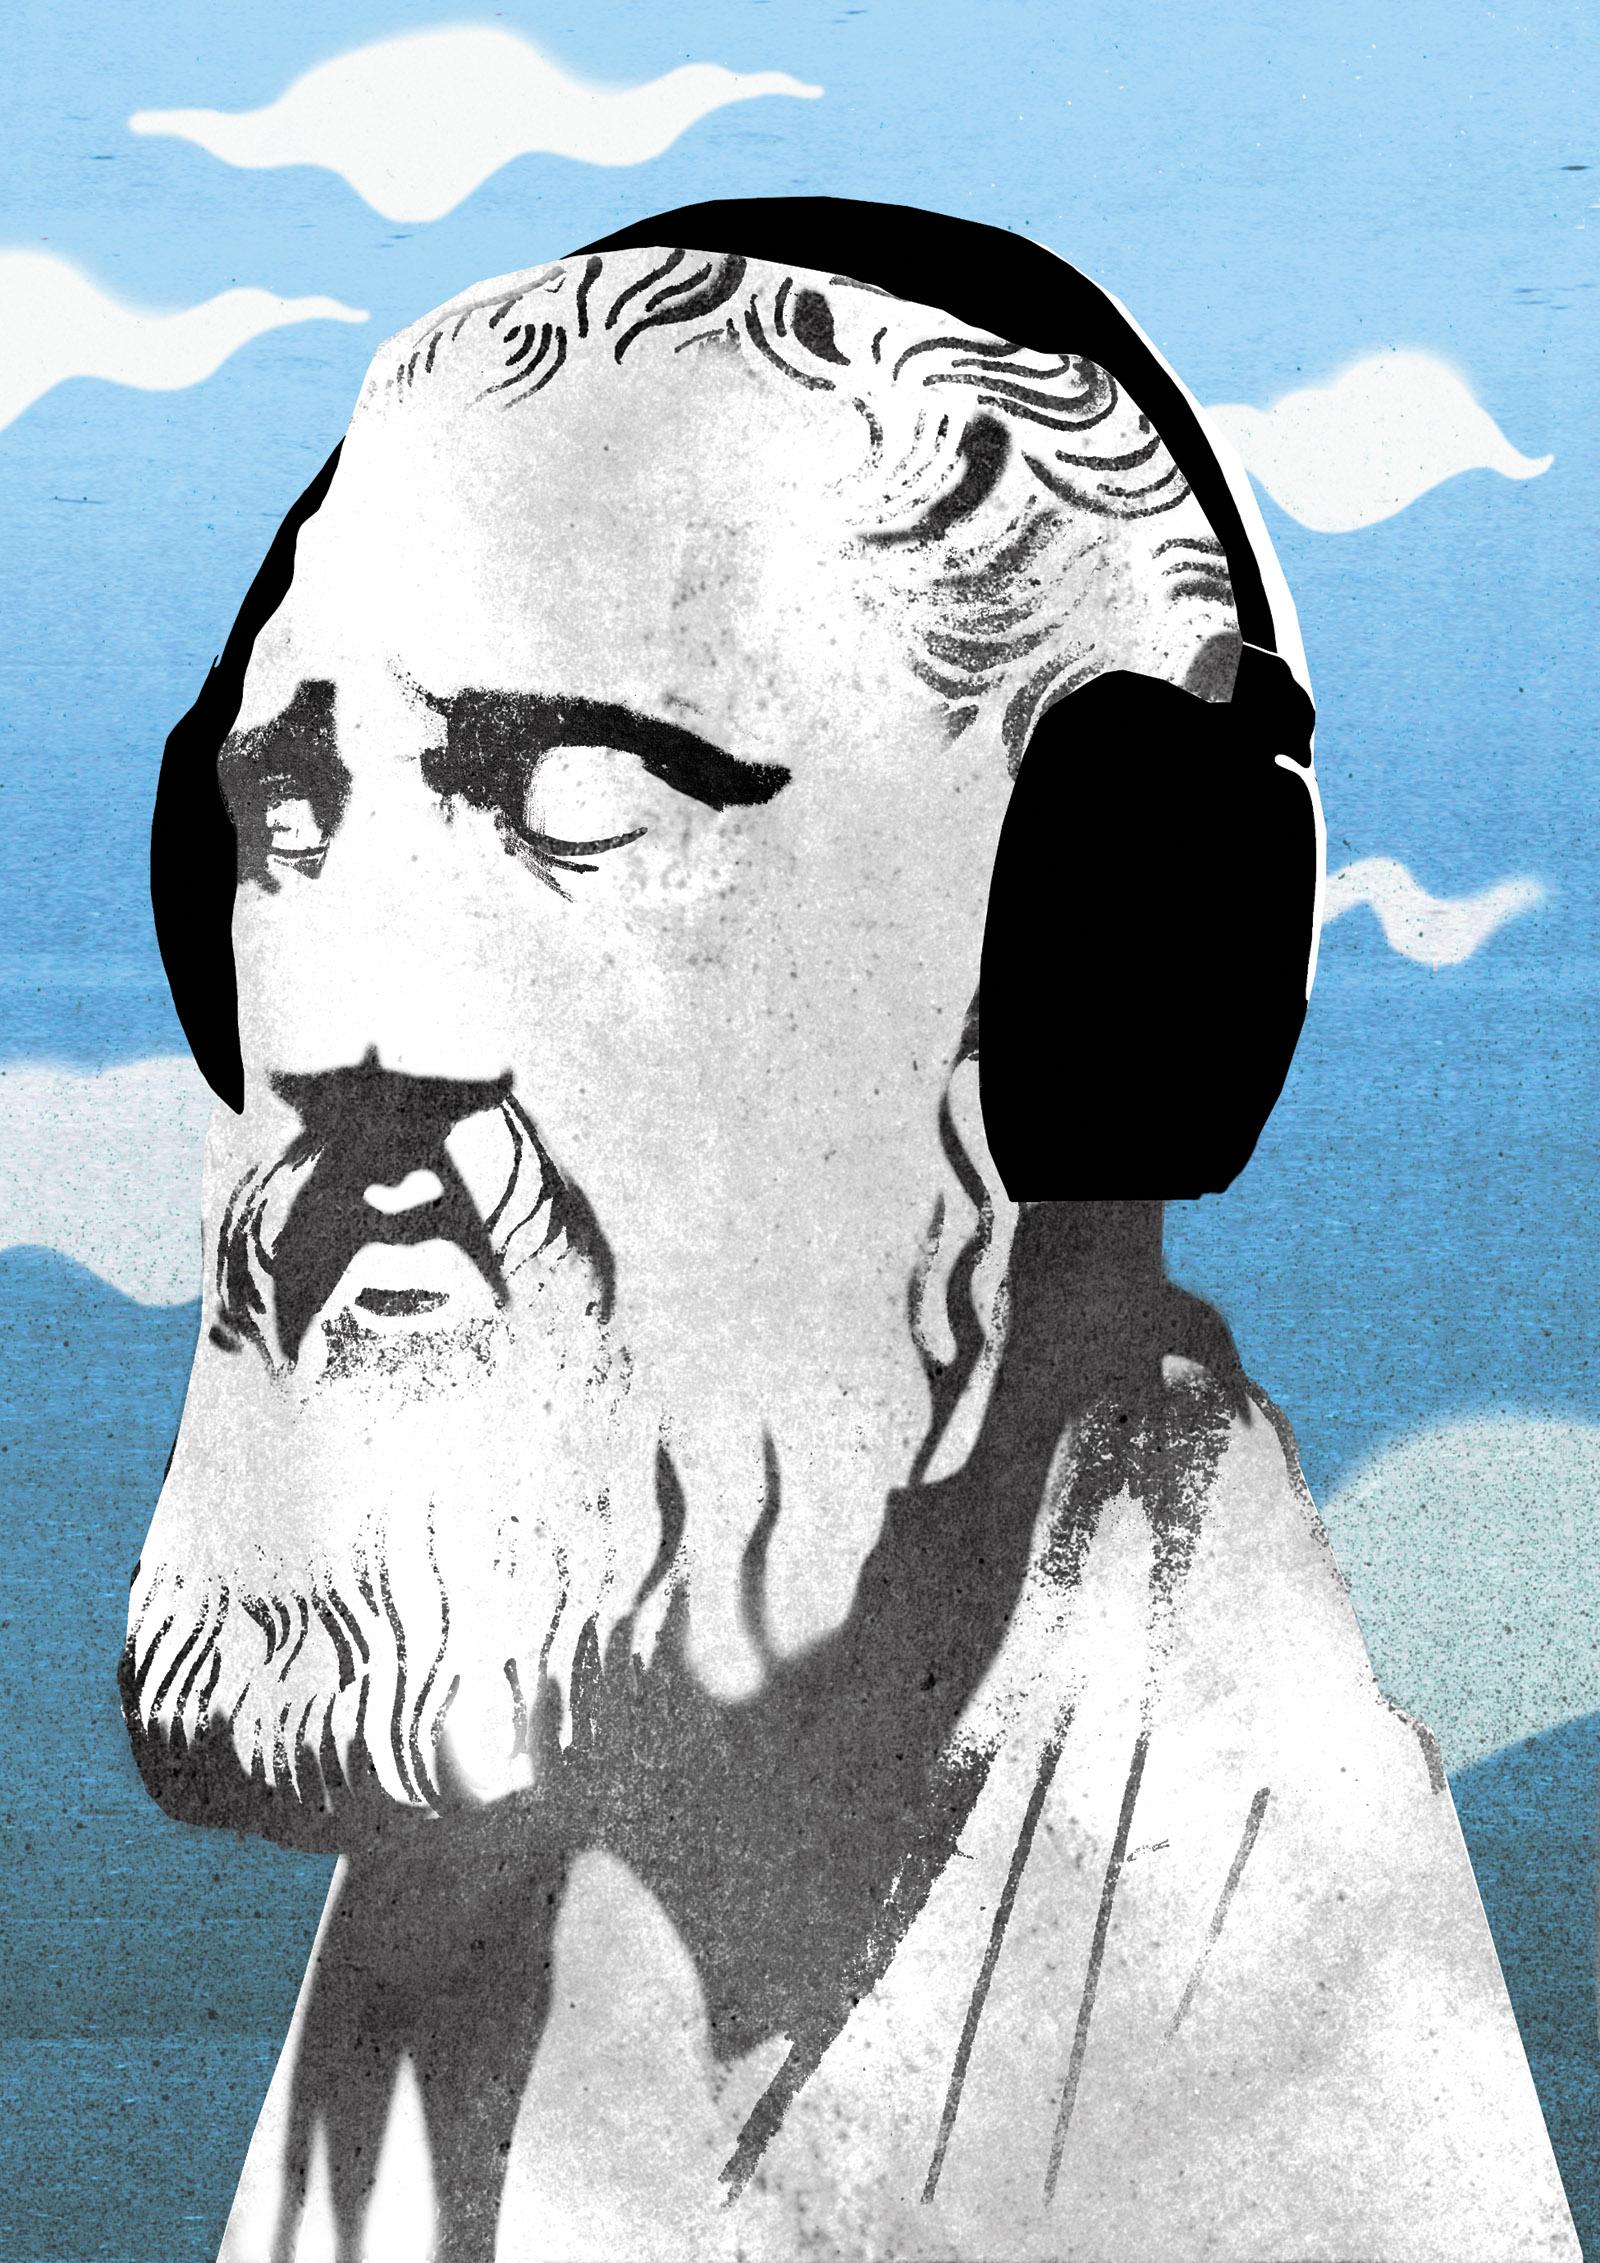 The Stoic philosopher Zeno